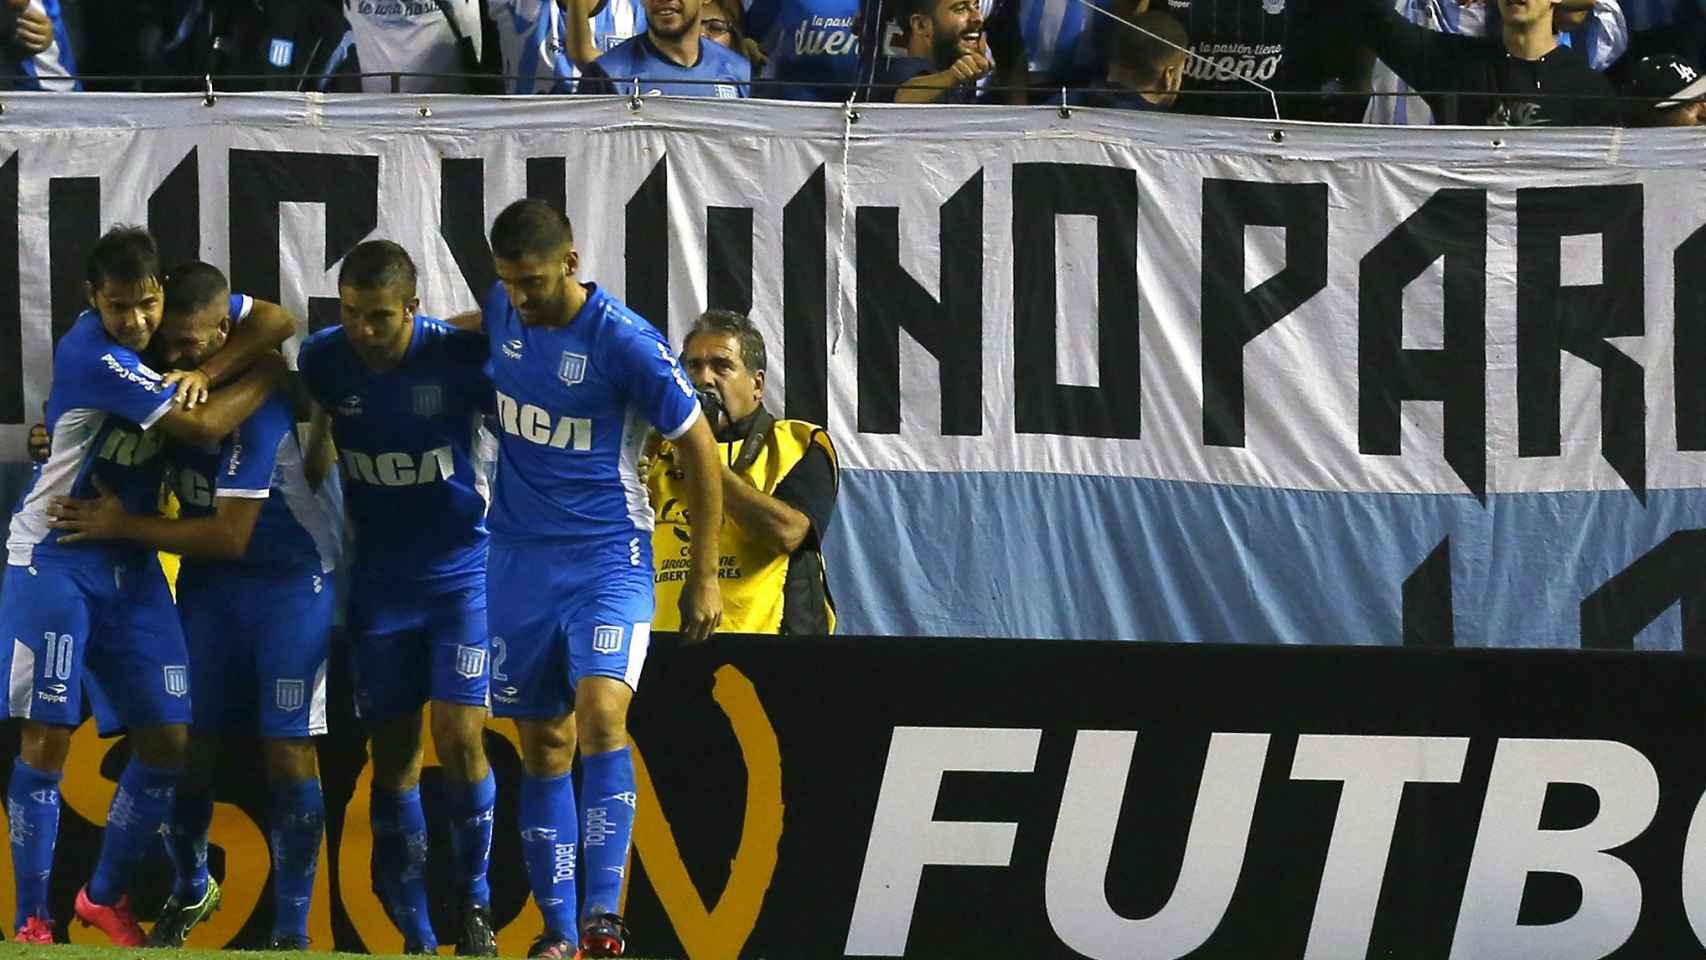 El fútbol televisado, objeto de deseo en Argentina.